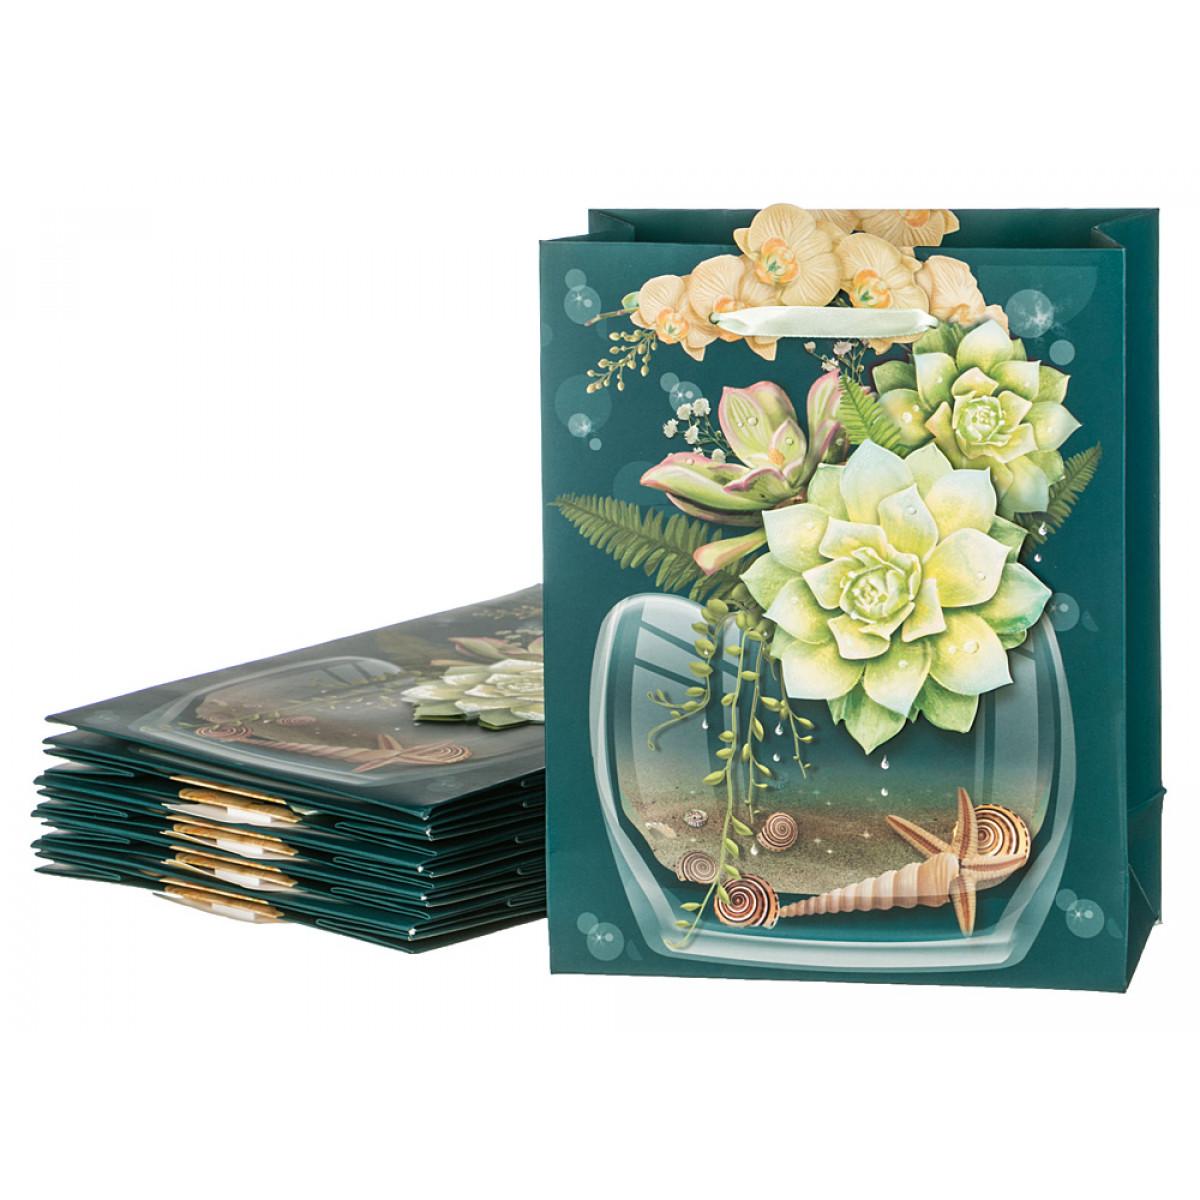 {} Lefard Пакет подарочный Amethyst (10х23х33 см - 10 шт) lefard пакет подарочный luvinia 7х14х16 см 10 шт